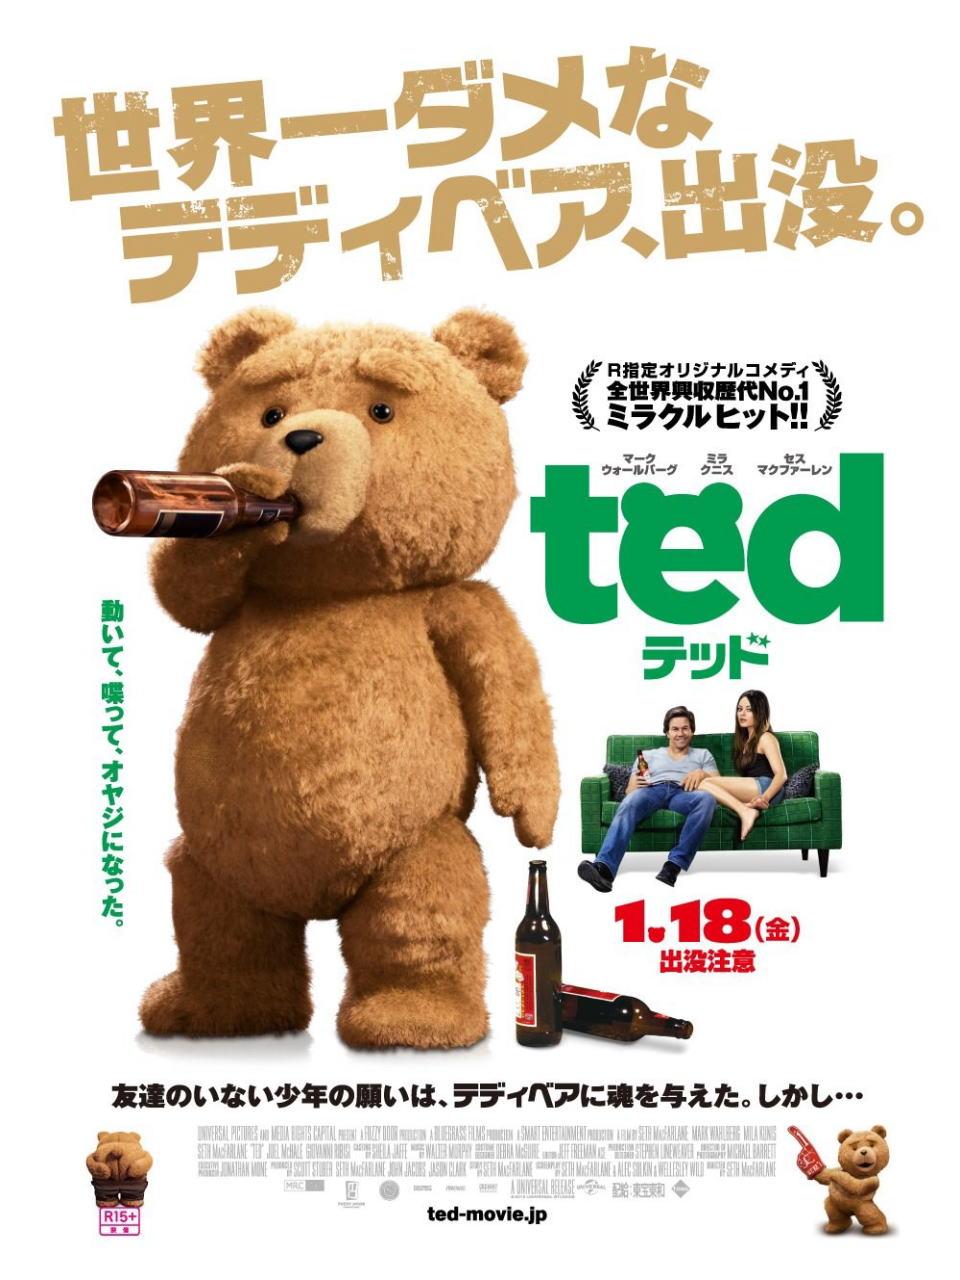 映画『テッド TED』ポスター(7)▼ポスター画像クリックで拡大します。